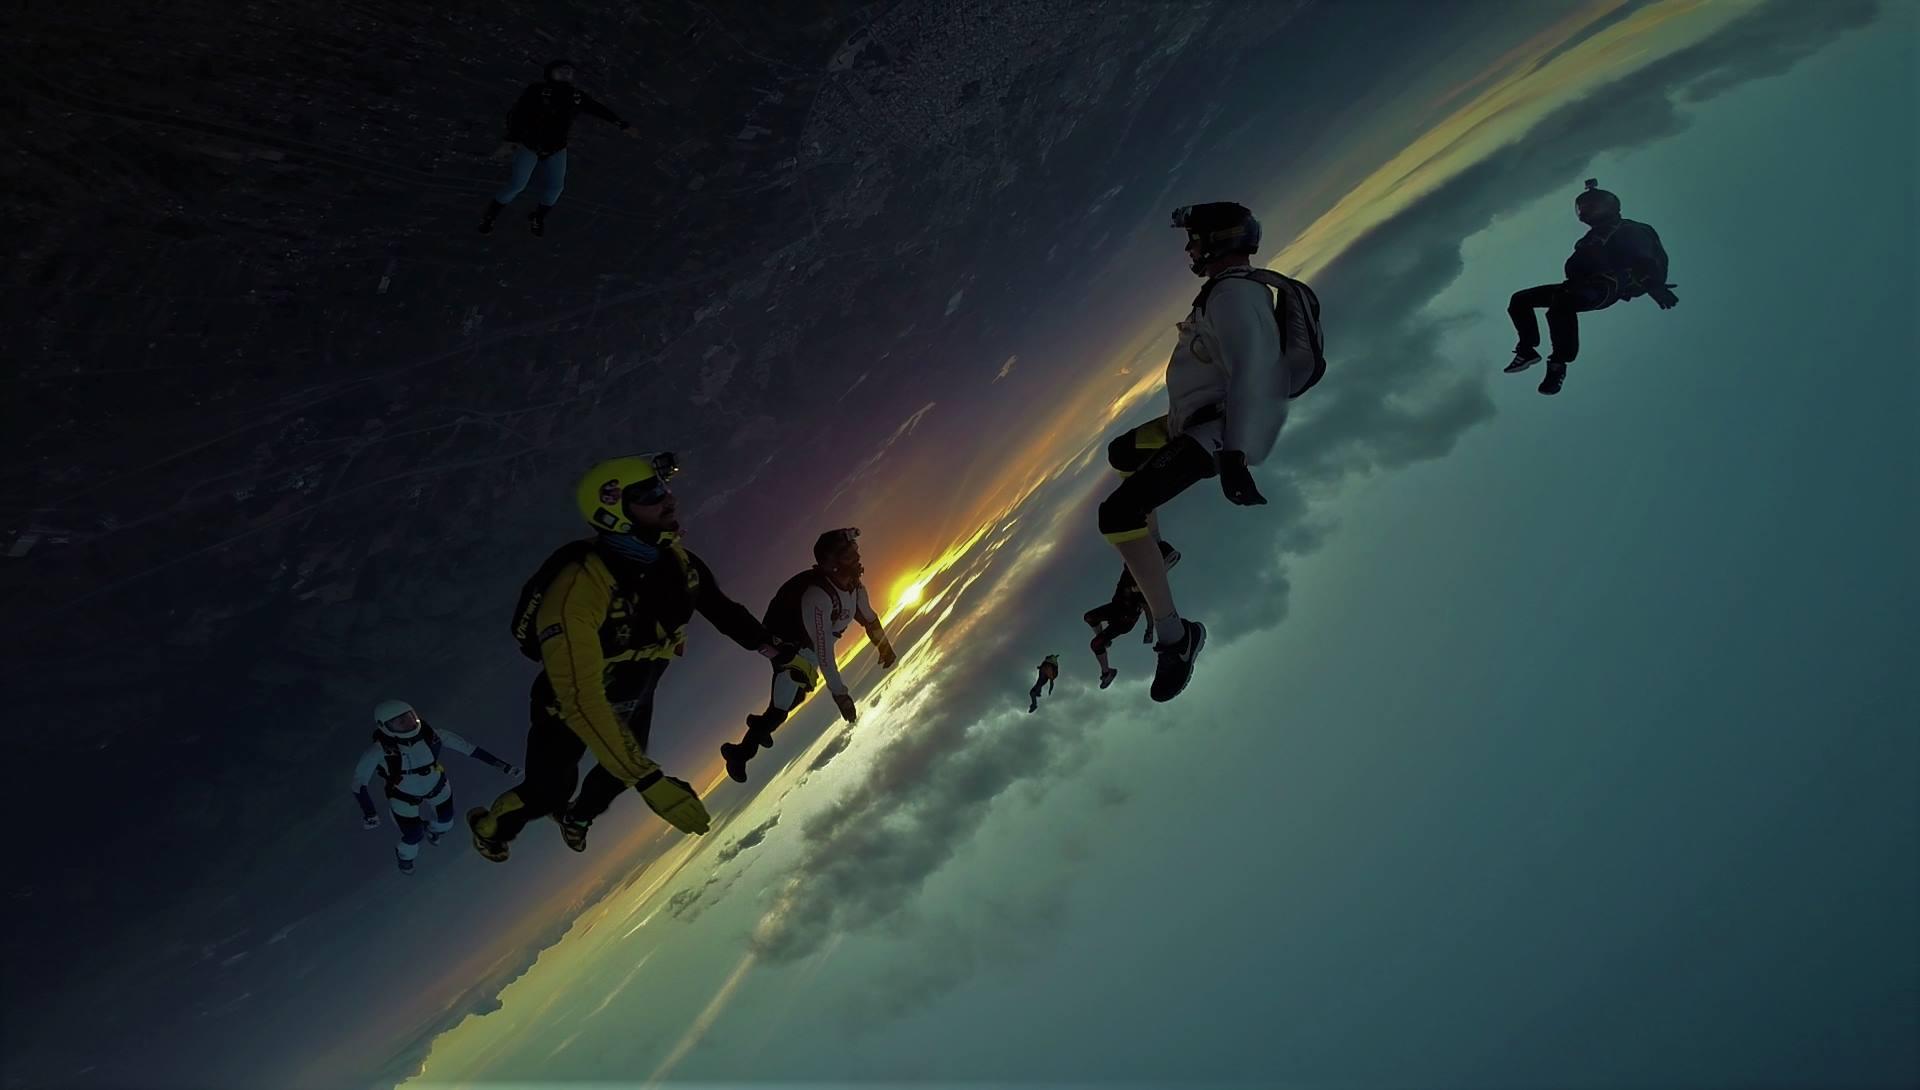 blog_de_paracaidismo_vivir_en_las_nubes_saltos_paracaidas